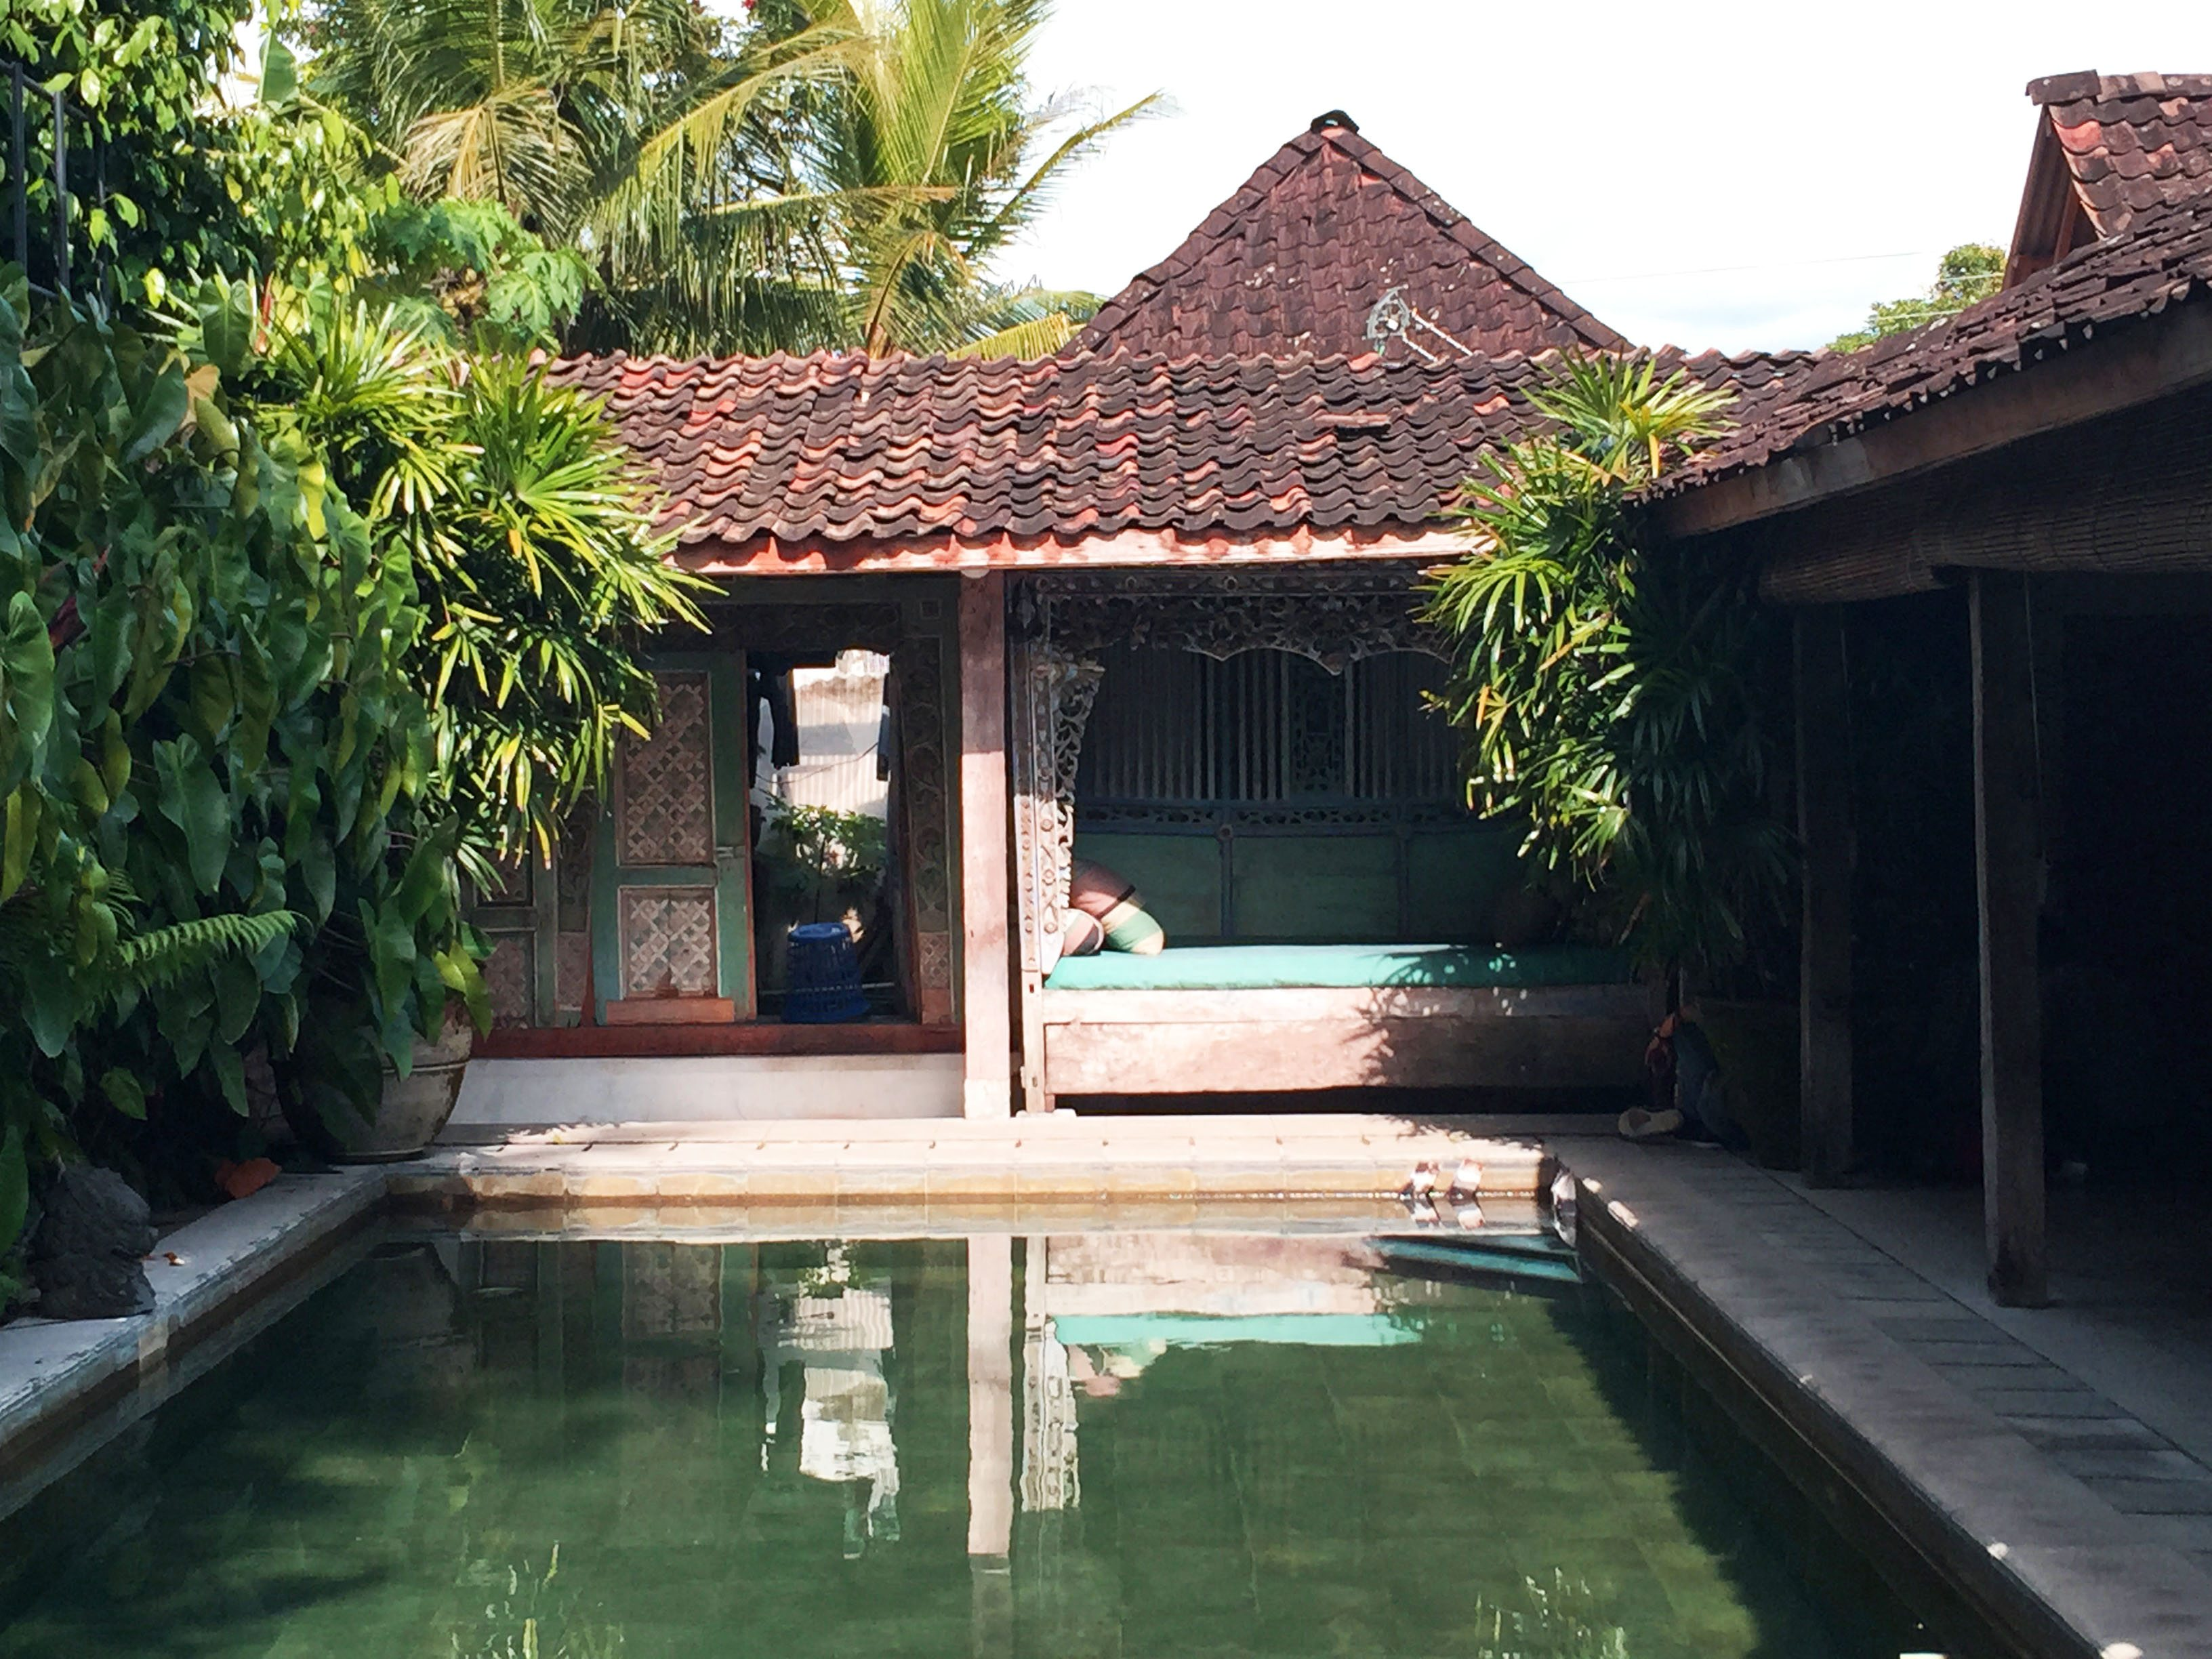 Pool House - edited